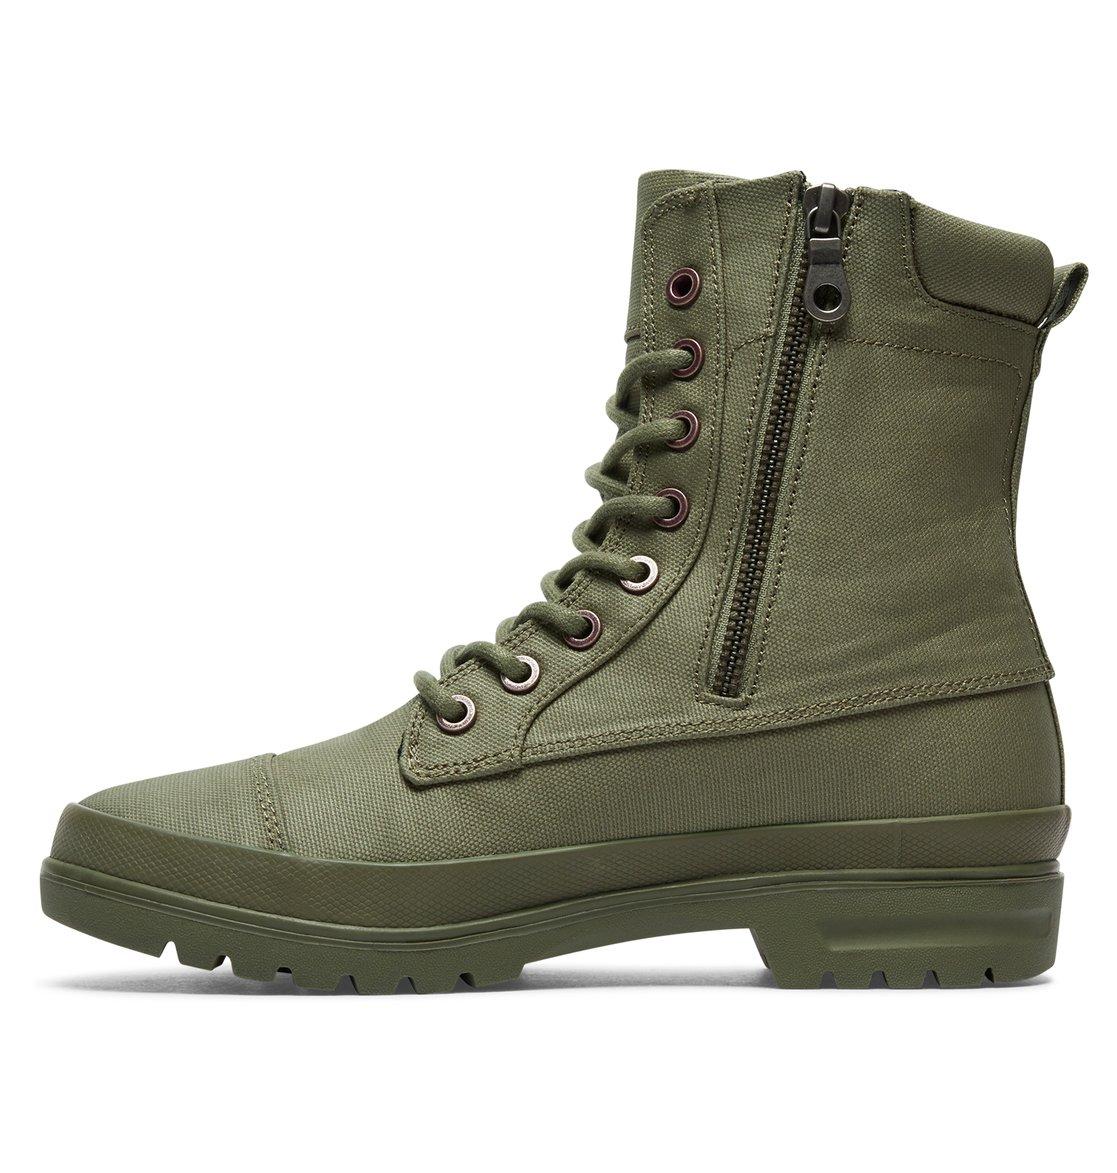 Femme à Shoes DC pour Amnesti Bottes ADJB300009 lacets TX w6EPq1qxX